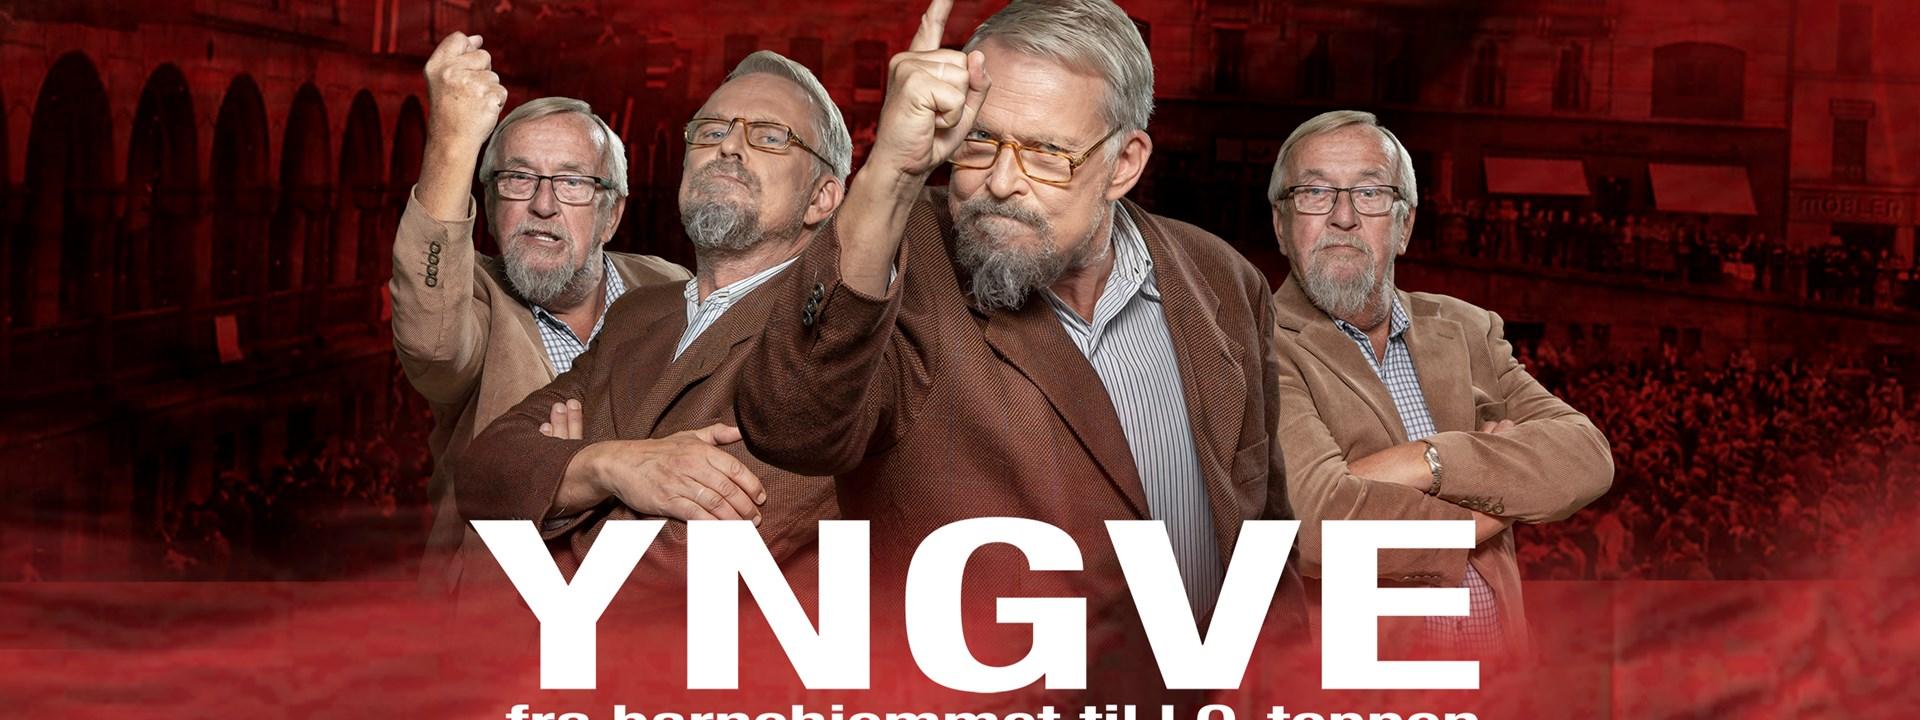 Premiere fastsatt for Yngve-Teater | Landsorganisasjonen i ...